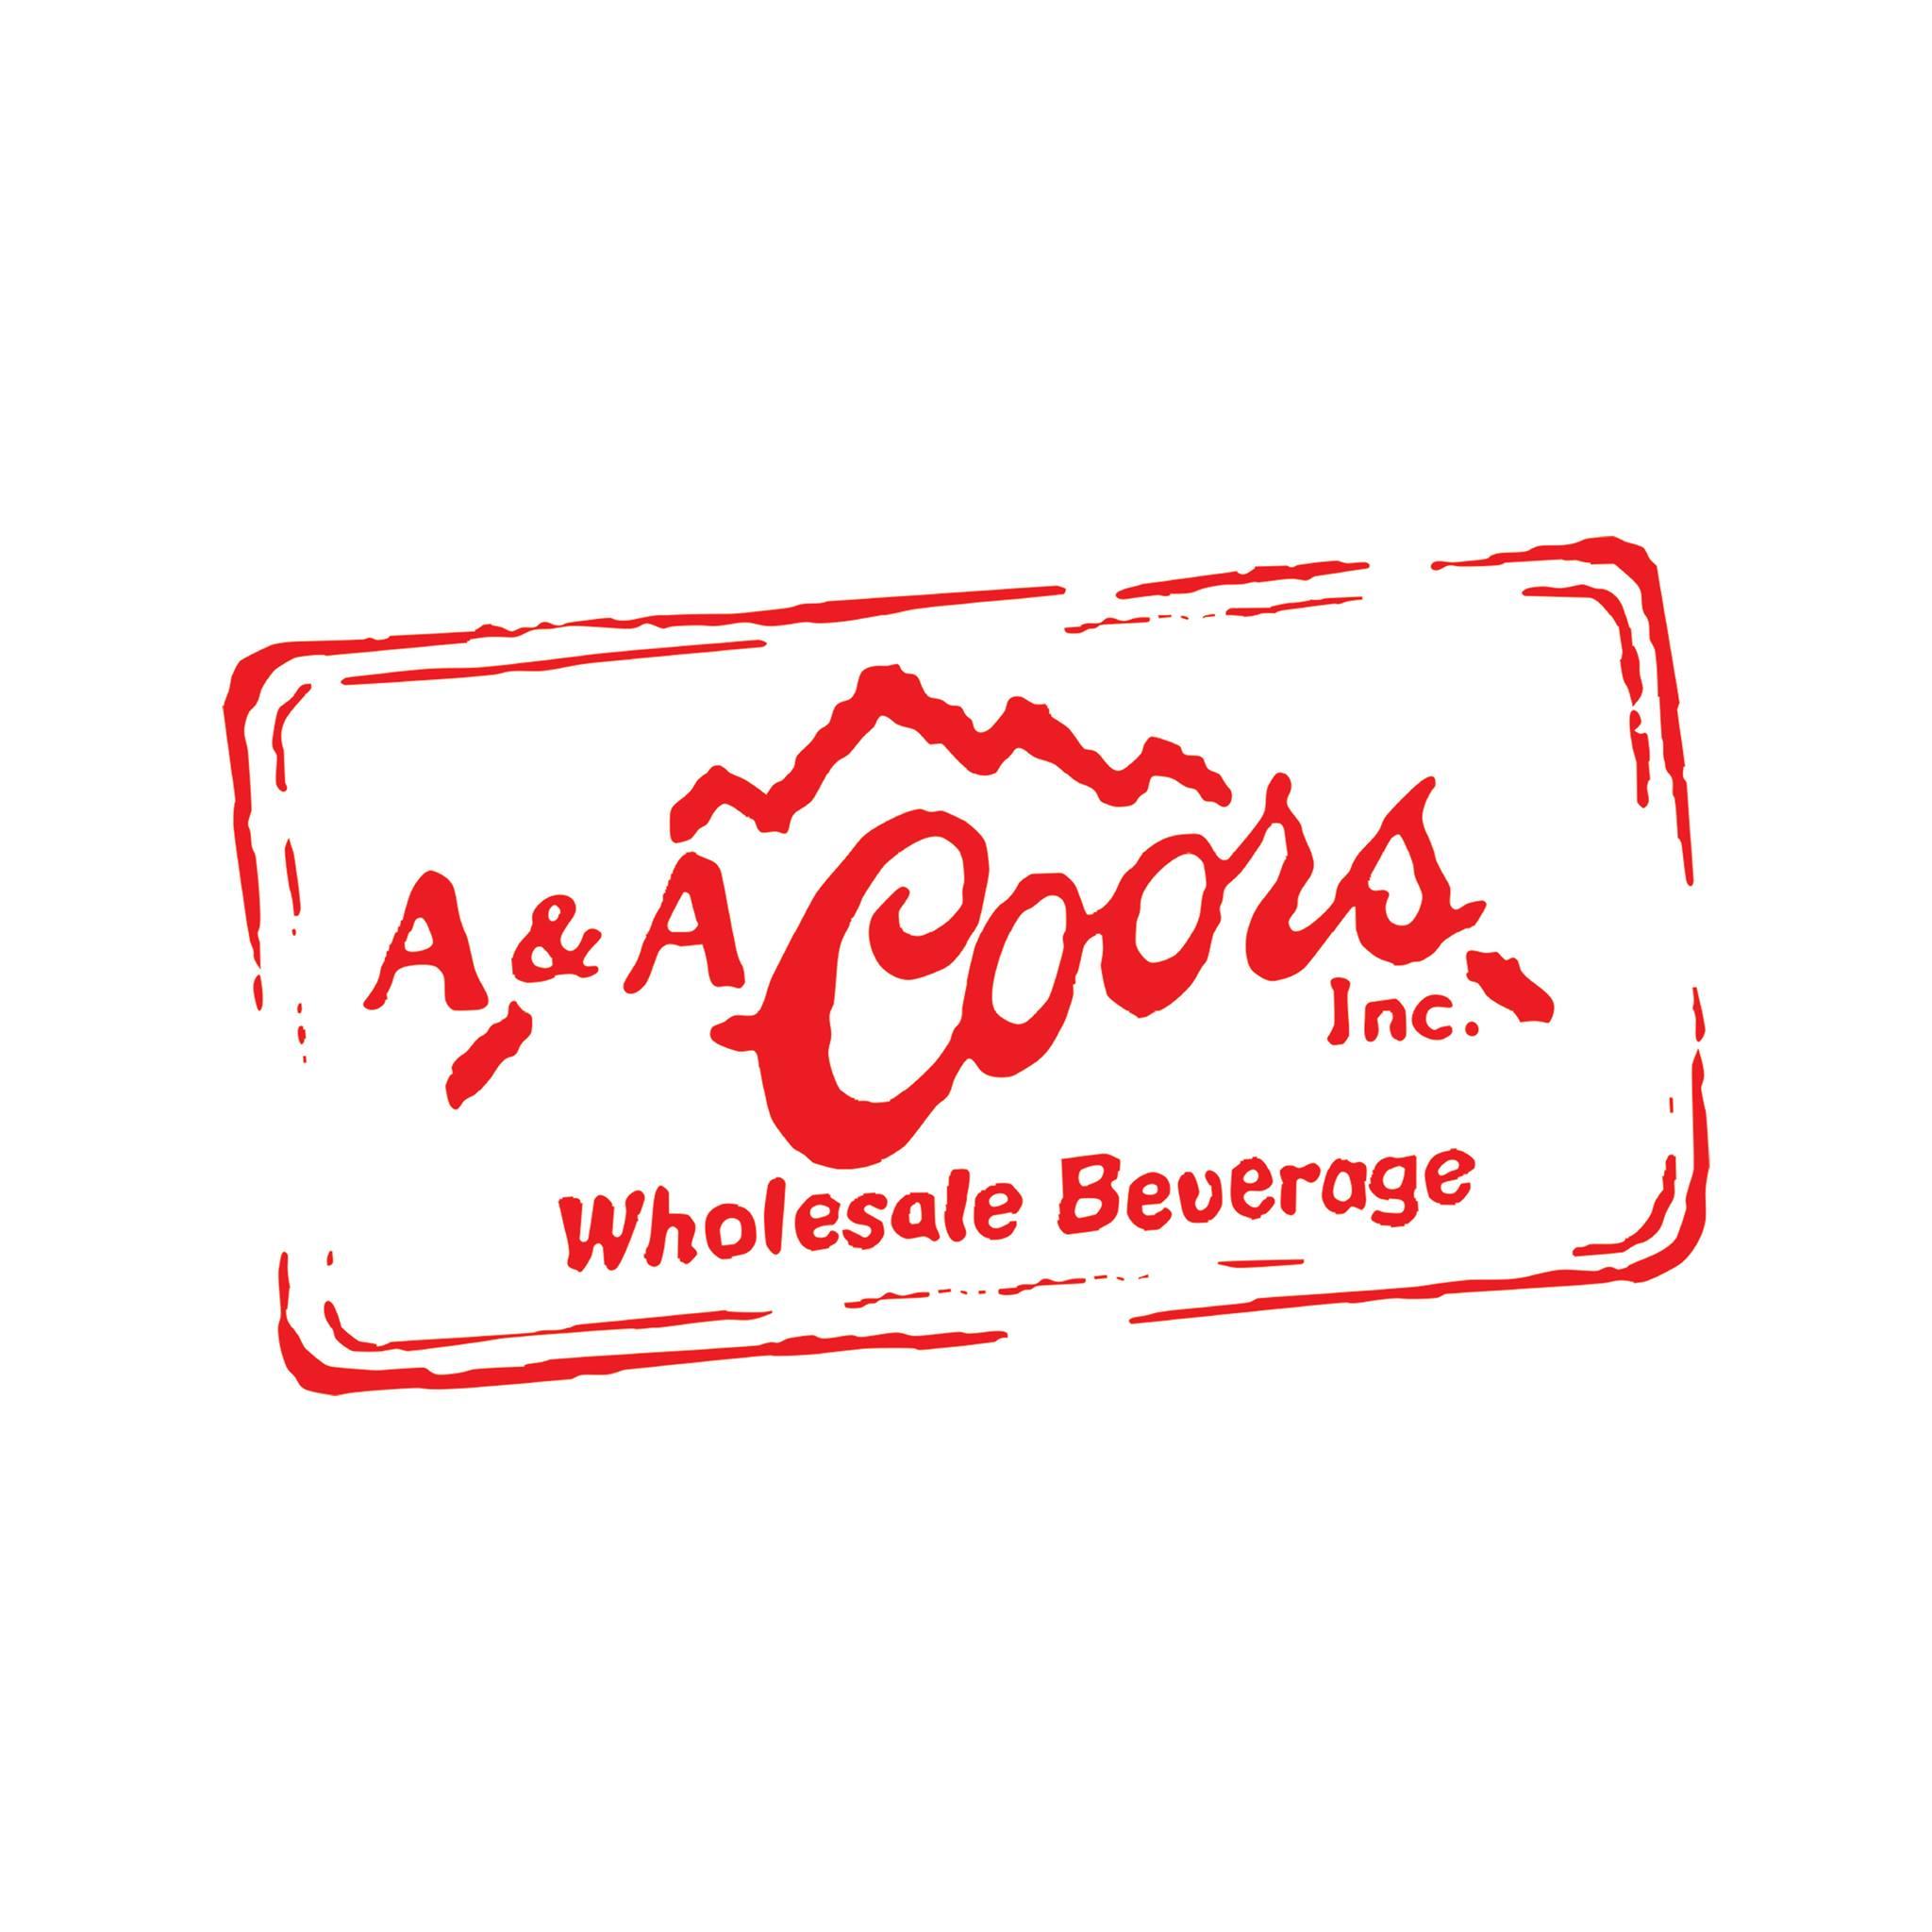 A & A Coors